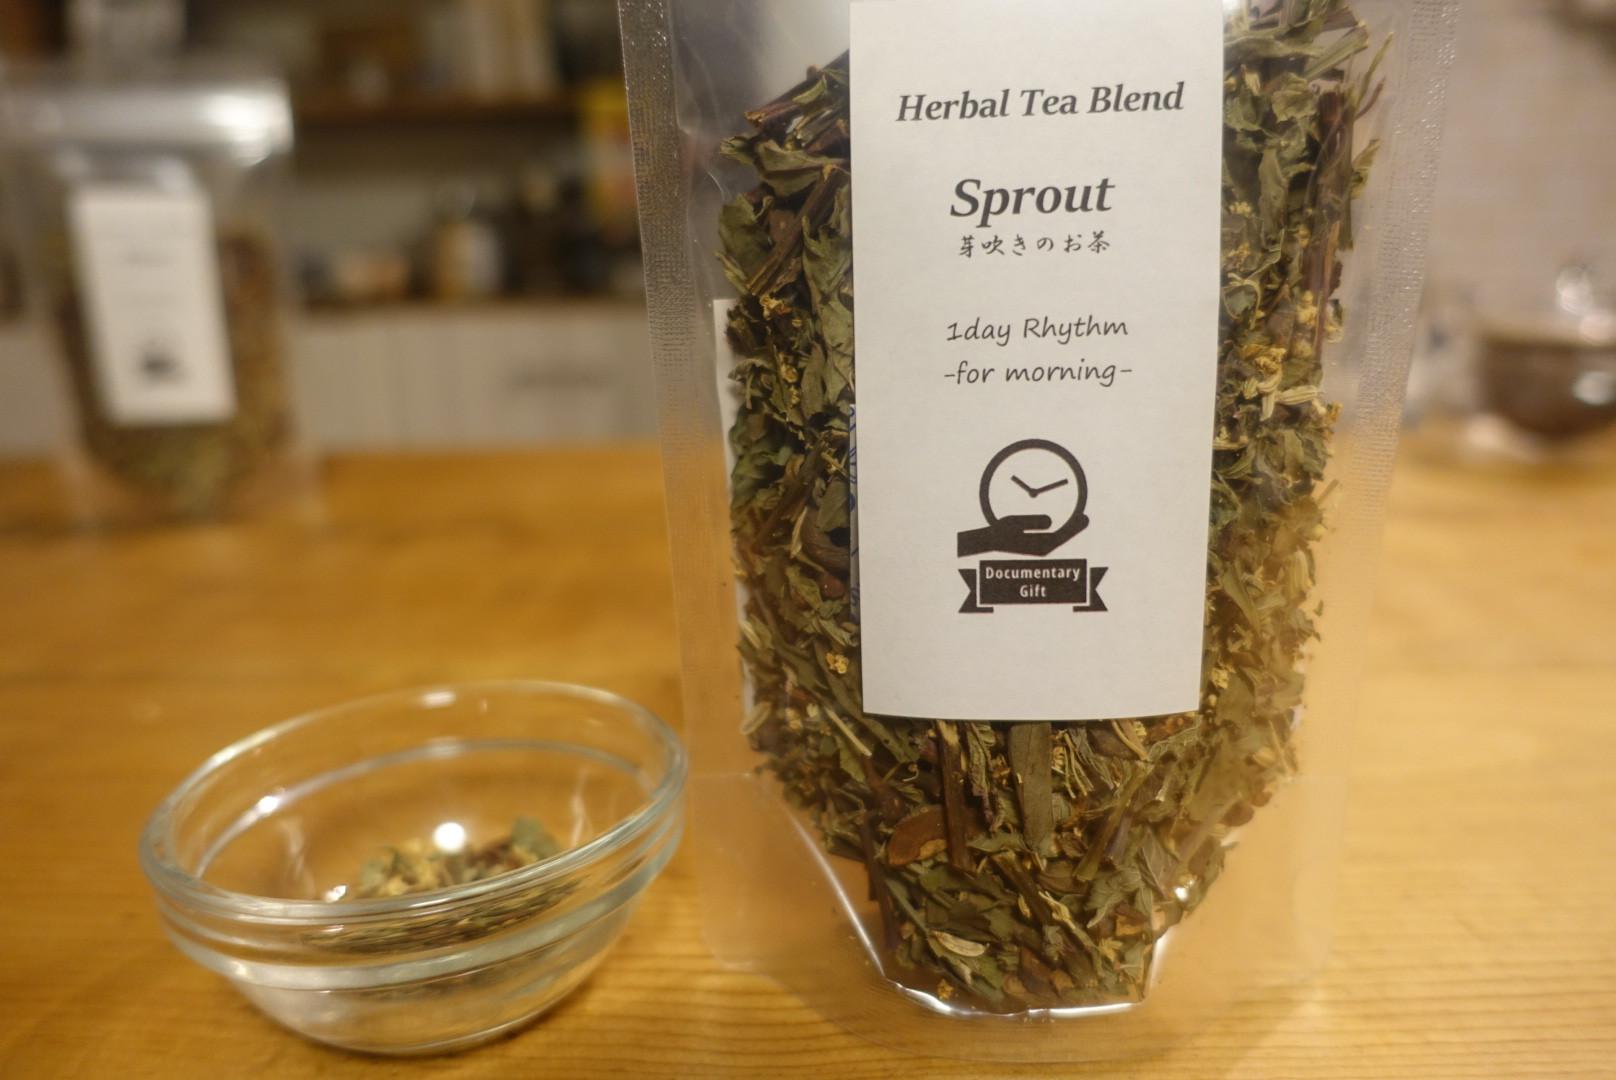 詰まりを解消して、脱皮した本来の姿になる「朝デトックス・ハーブティー」【Sprout 芽吹きのお茶】